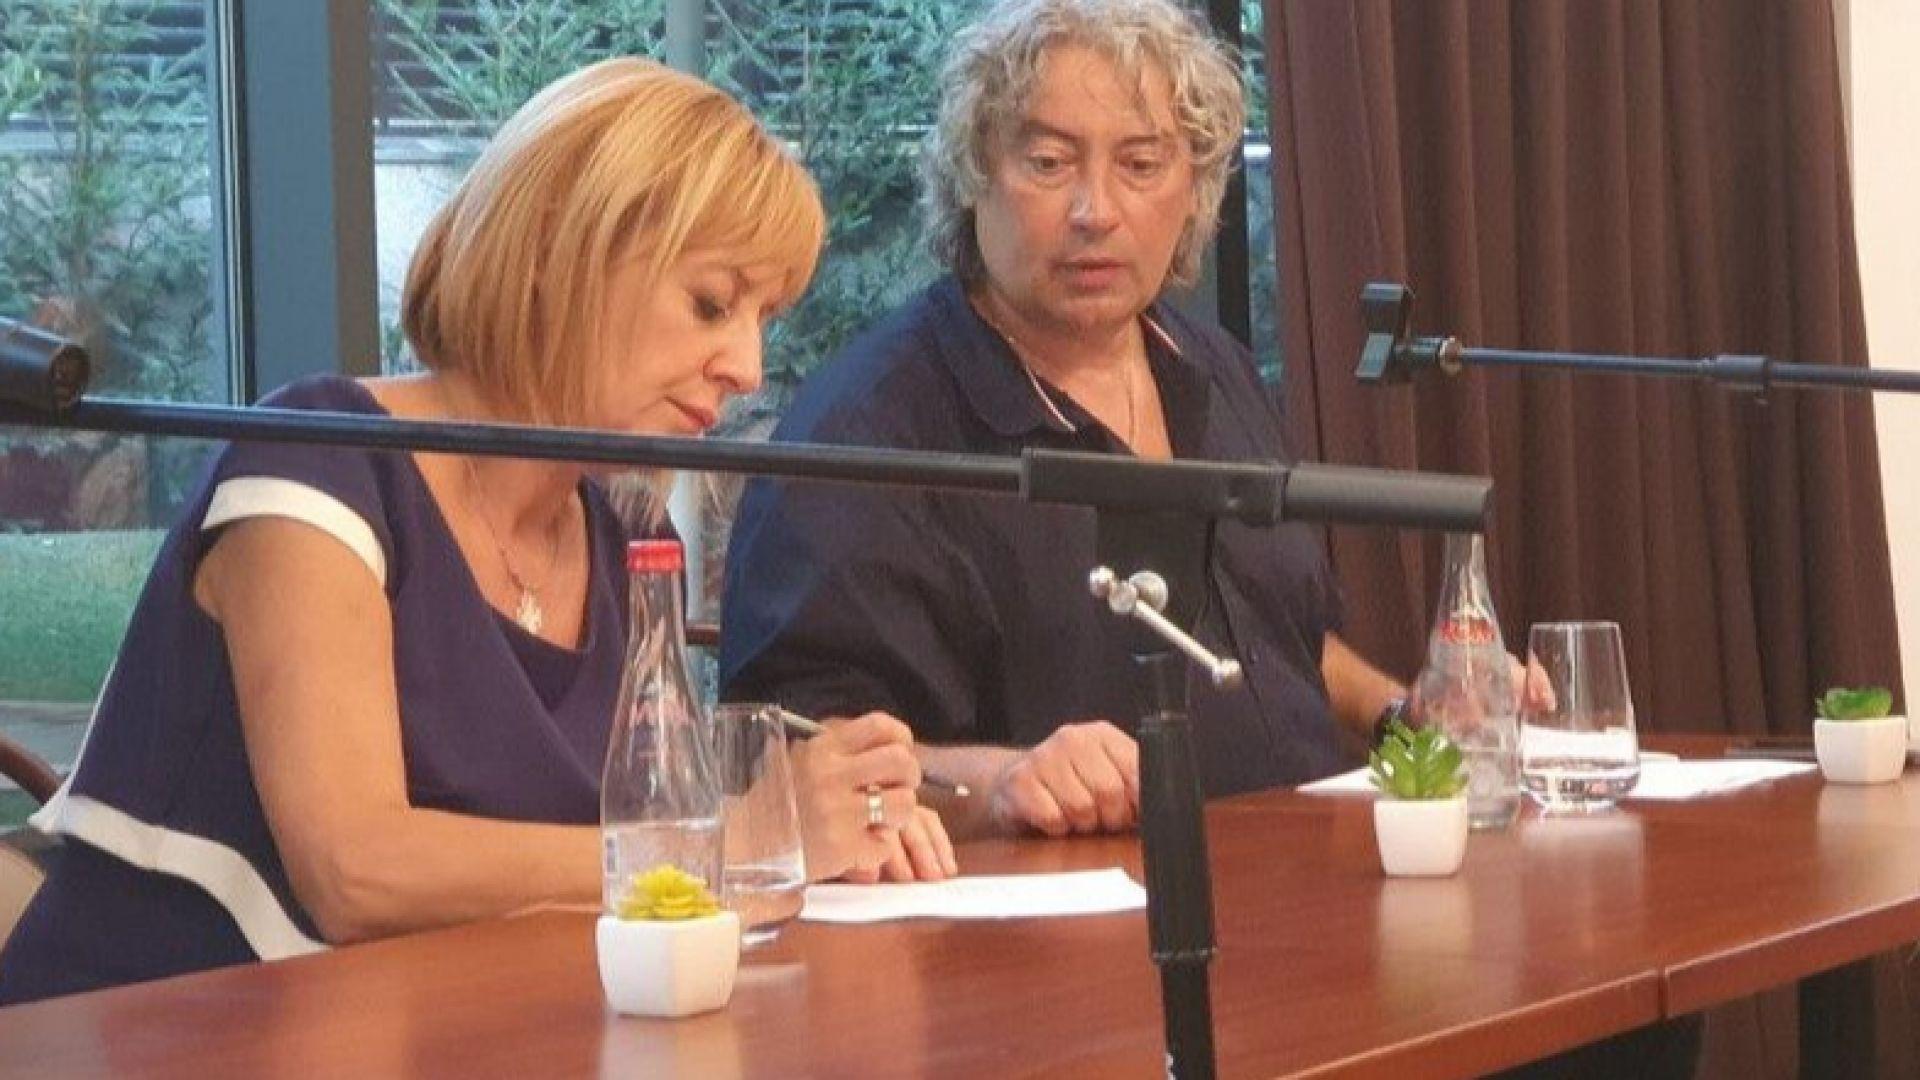 Мая Манолова: Кандидатирам се смело и честно за кмет, подавам оставка като омбудсман